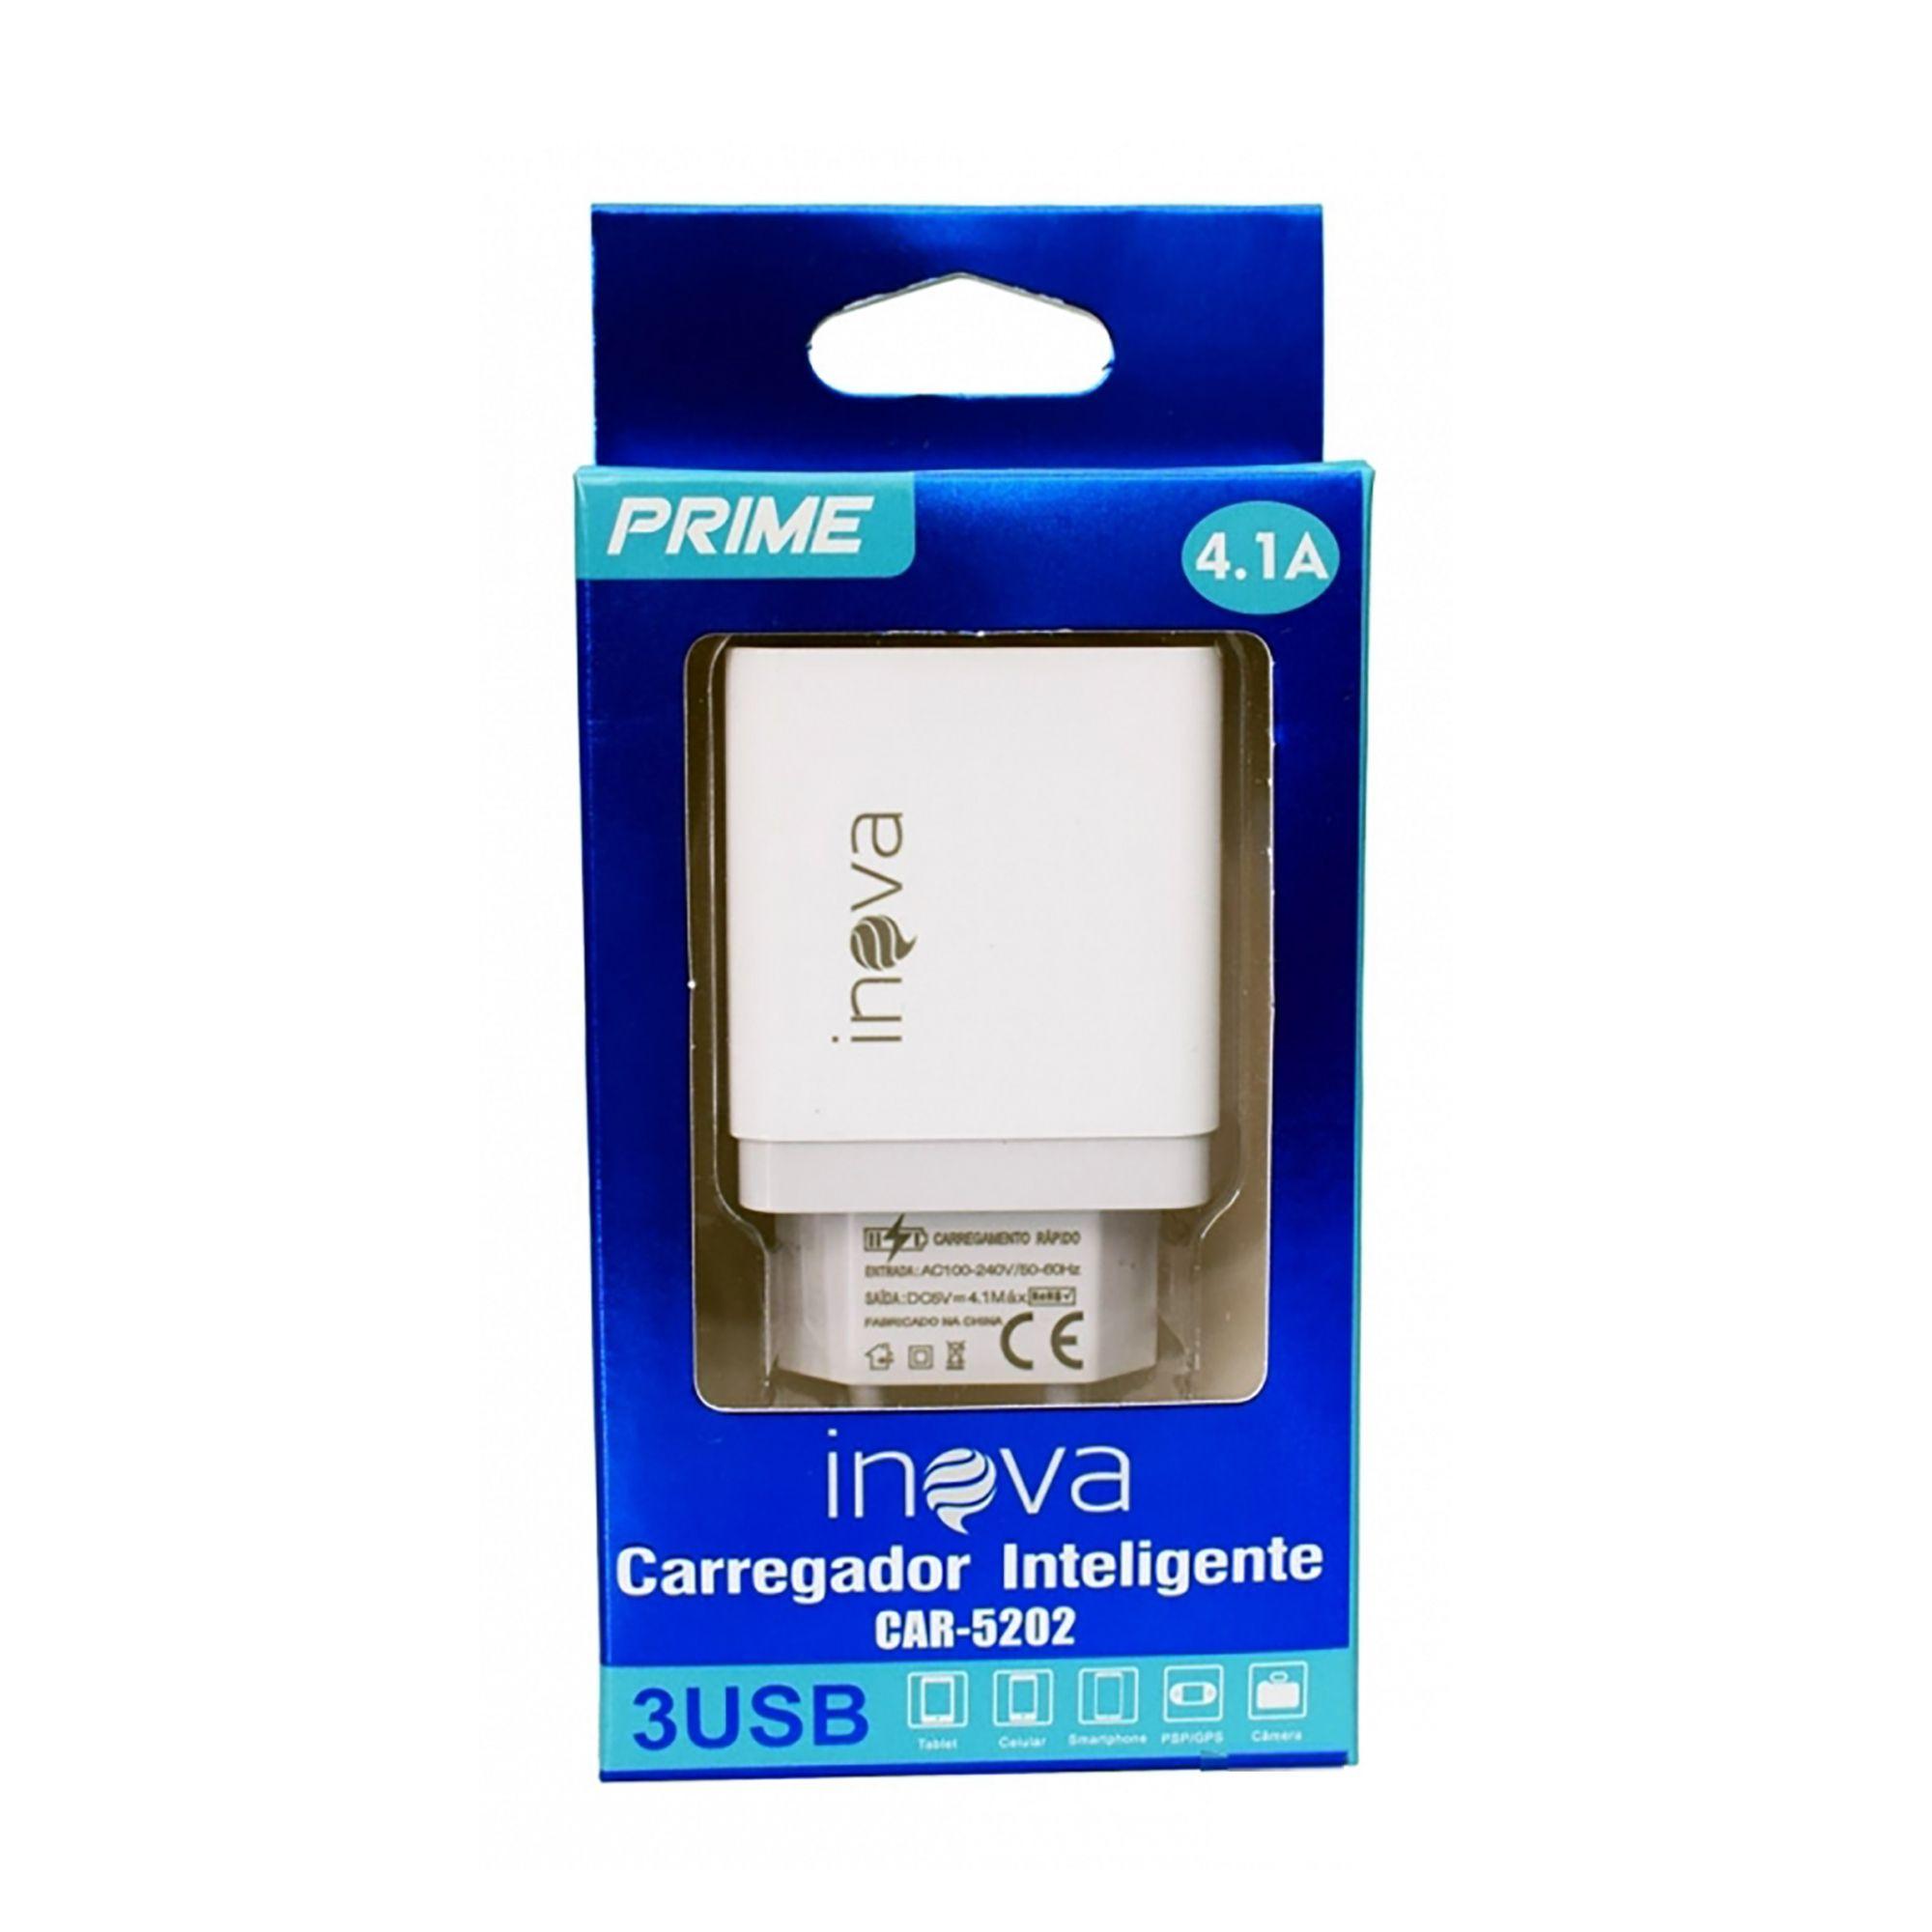 CARREGADOR INTELIGENTE CAR-5202 3 USB PRIME 4.1A